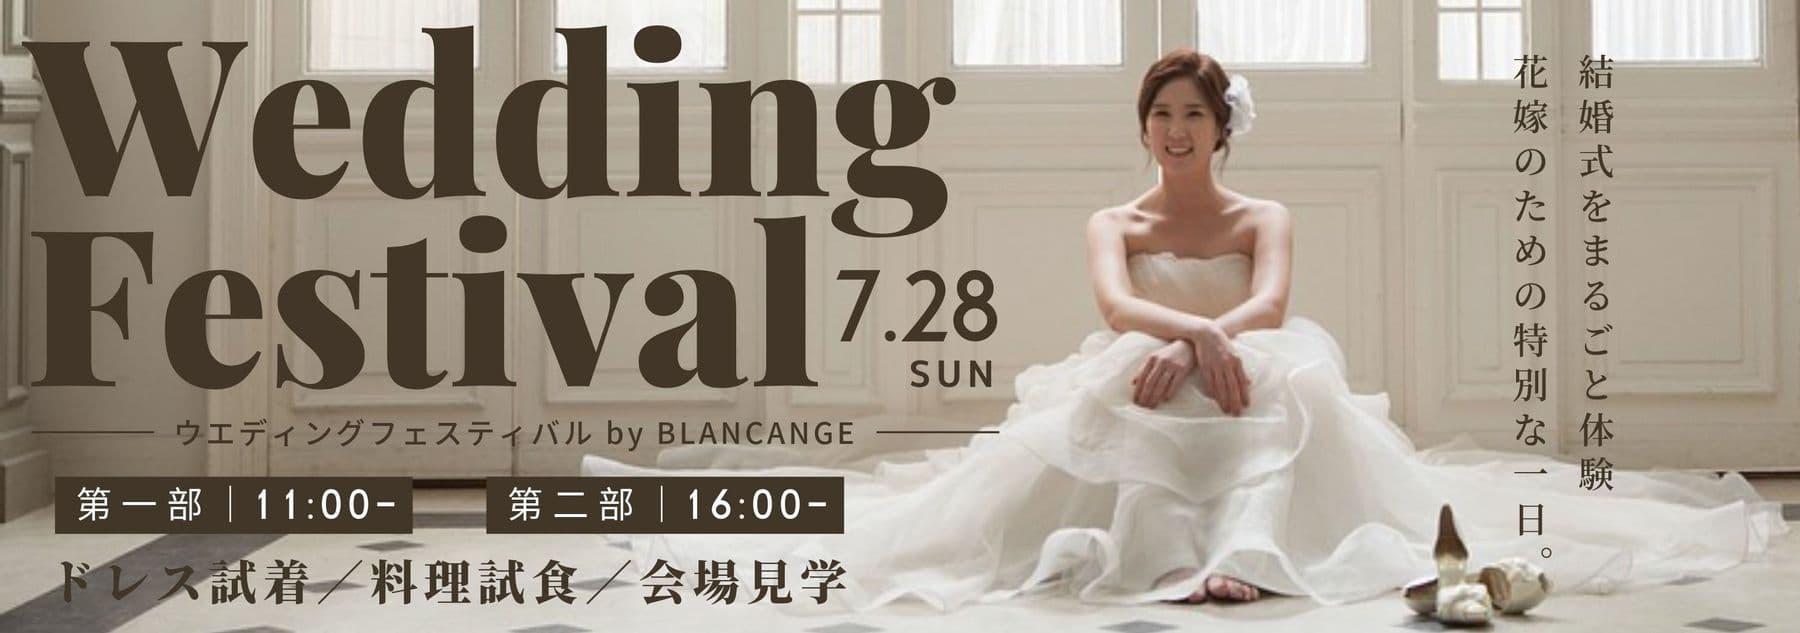 徳島市の結婚式場ブランアンジュのウエディングフェスタ